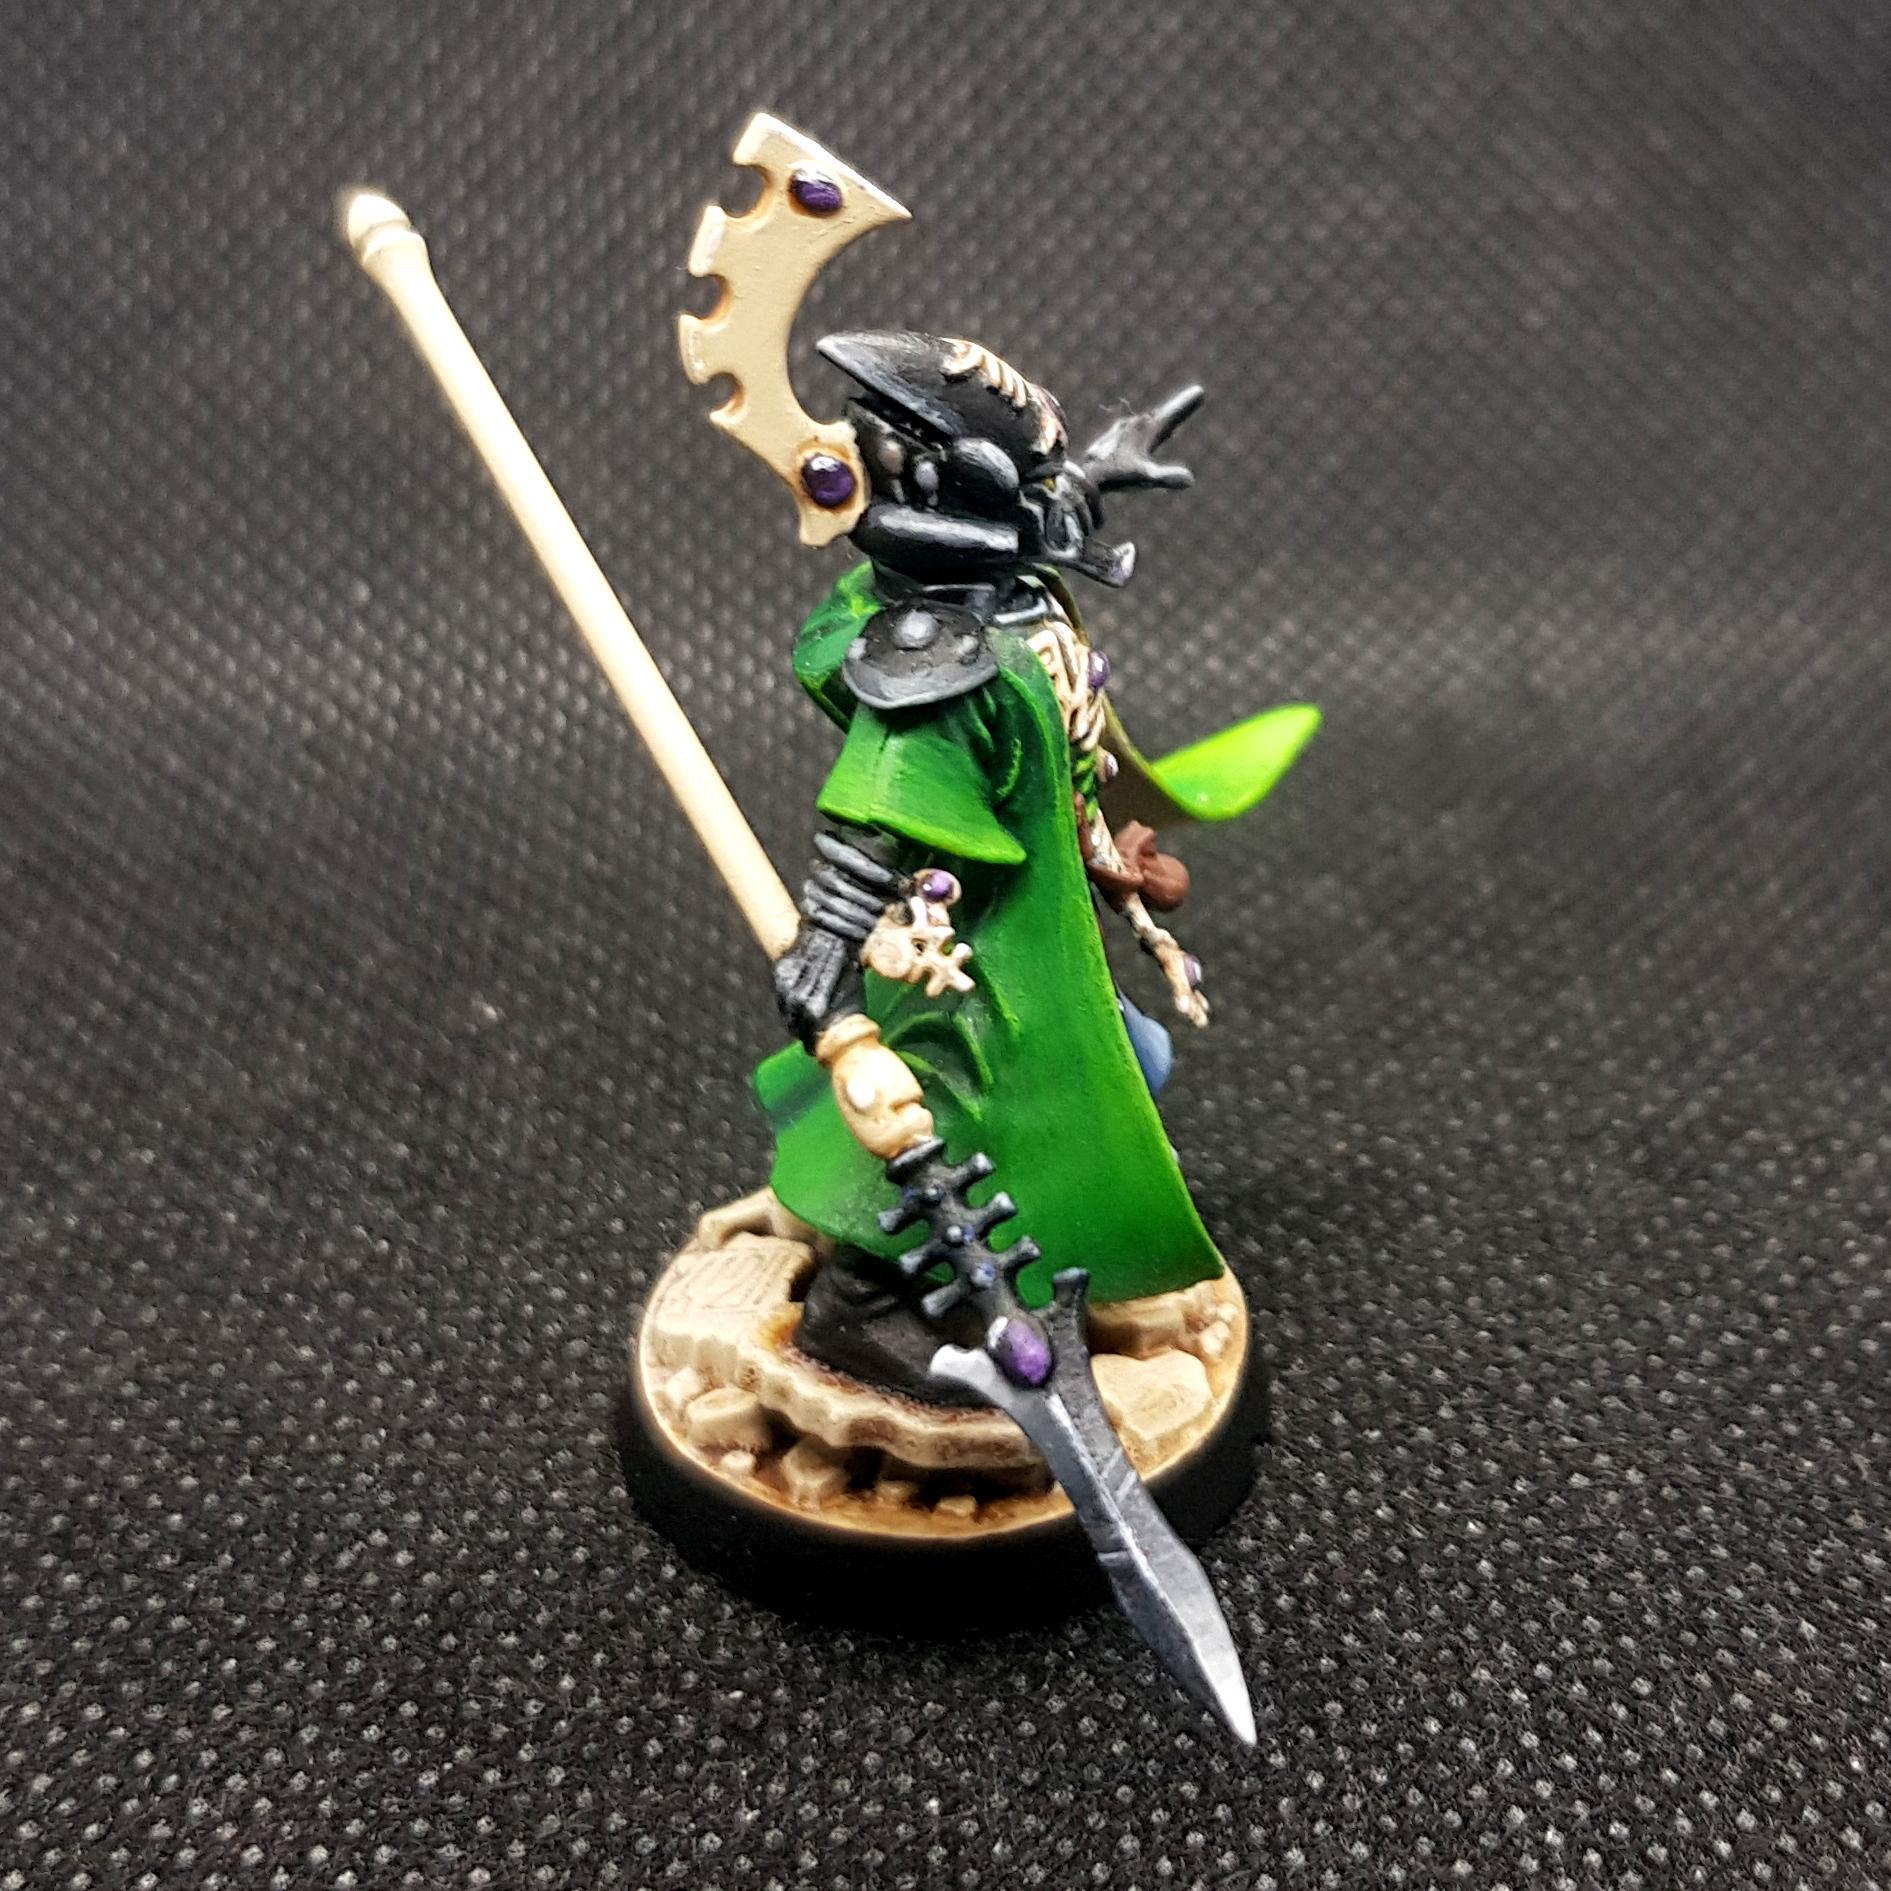 Aeldari, Asuryani, Craftworlds, Eldar, Warhammer 40,000, Warhammer Fantasy